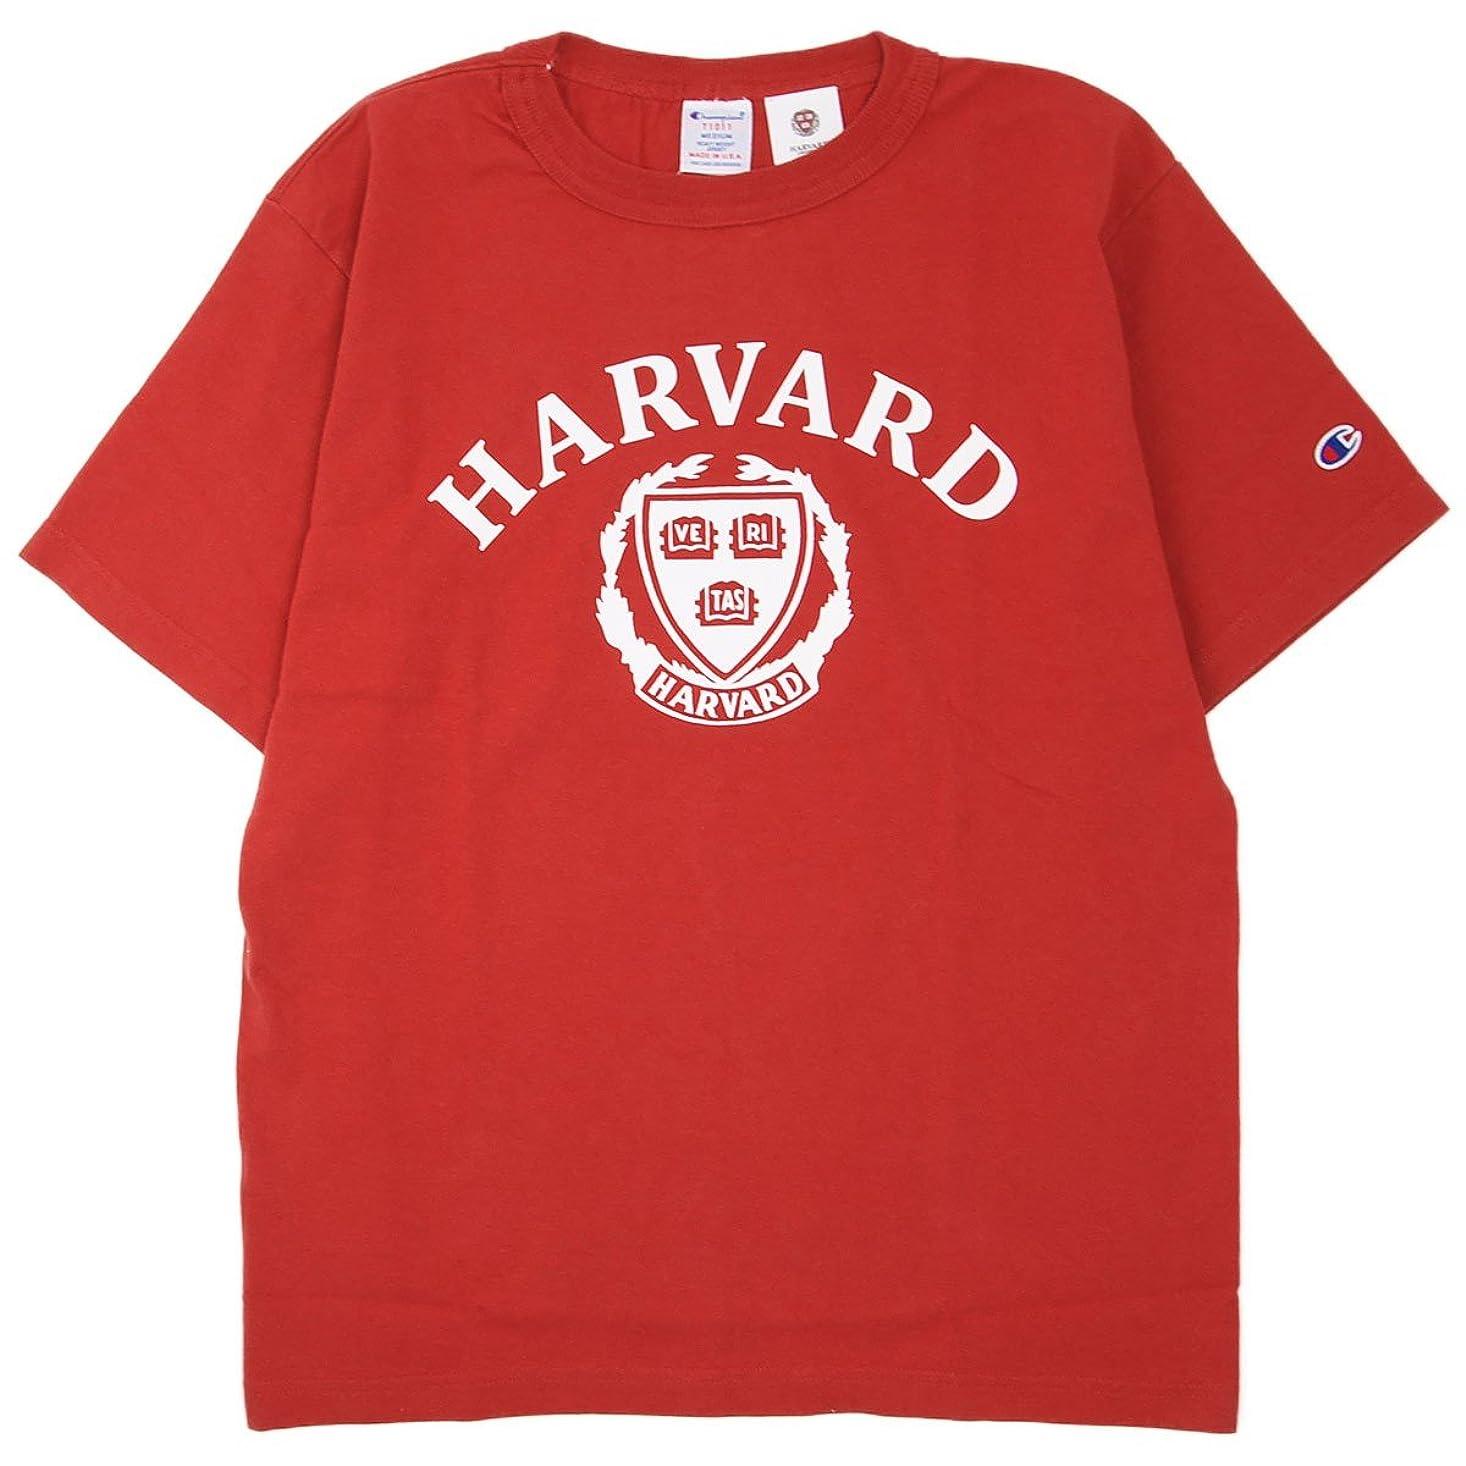 アカデミック混合したチェス(チャンピオン) Champion Made in USA × ハーバード大学 T1011 US Tシャツ 米国製 国内正規品 マルーン C5-M302-970